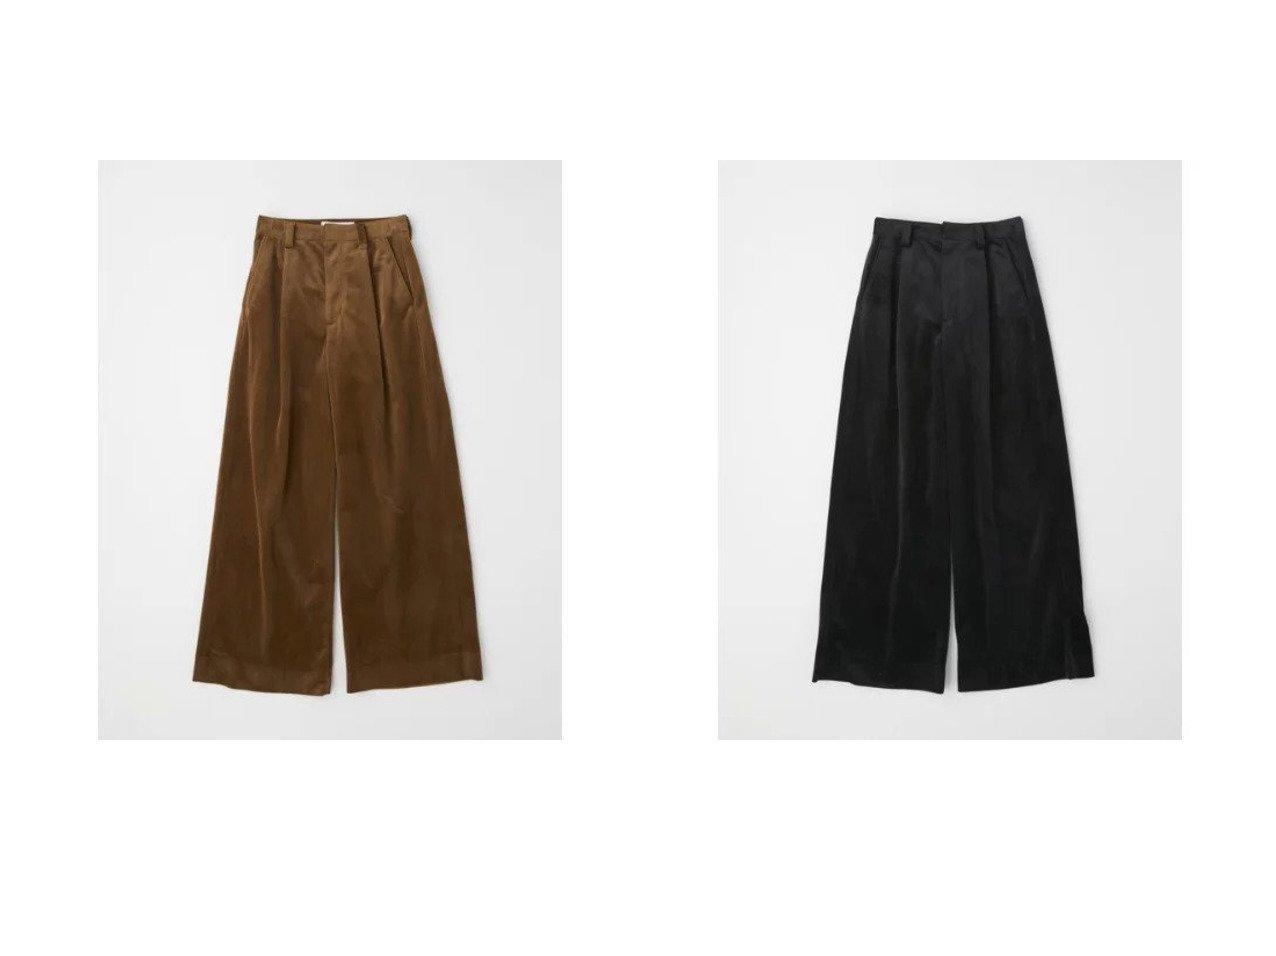 【TWW / Traditional Weatherwear/トラディショナル ウェザーウェア】のTUCK WIDE PANTS 【パンツ】おすすめ!人気、トレンド・レディースファッションの通販   おすすめで人気の流行・トレンド、ファッションの通販商品 インテリア・家具・メンズファッション・キッズファッション・レディースファッション・服の通販 founy(ファニー) https://founy.com/ ファッション Fashion レディースファッション WOMEN パンツ Pants おすすめ Recommend コーデュロイ シンプル ジャケット セットアップ センター フロント プリーツ ベルベット |ID:crp329100000065904